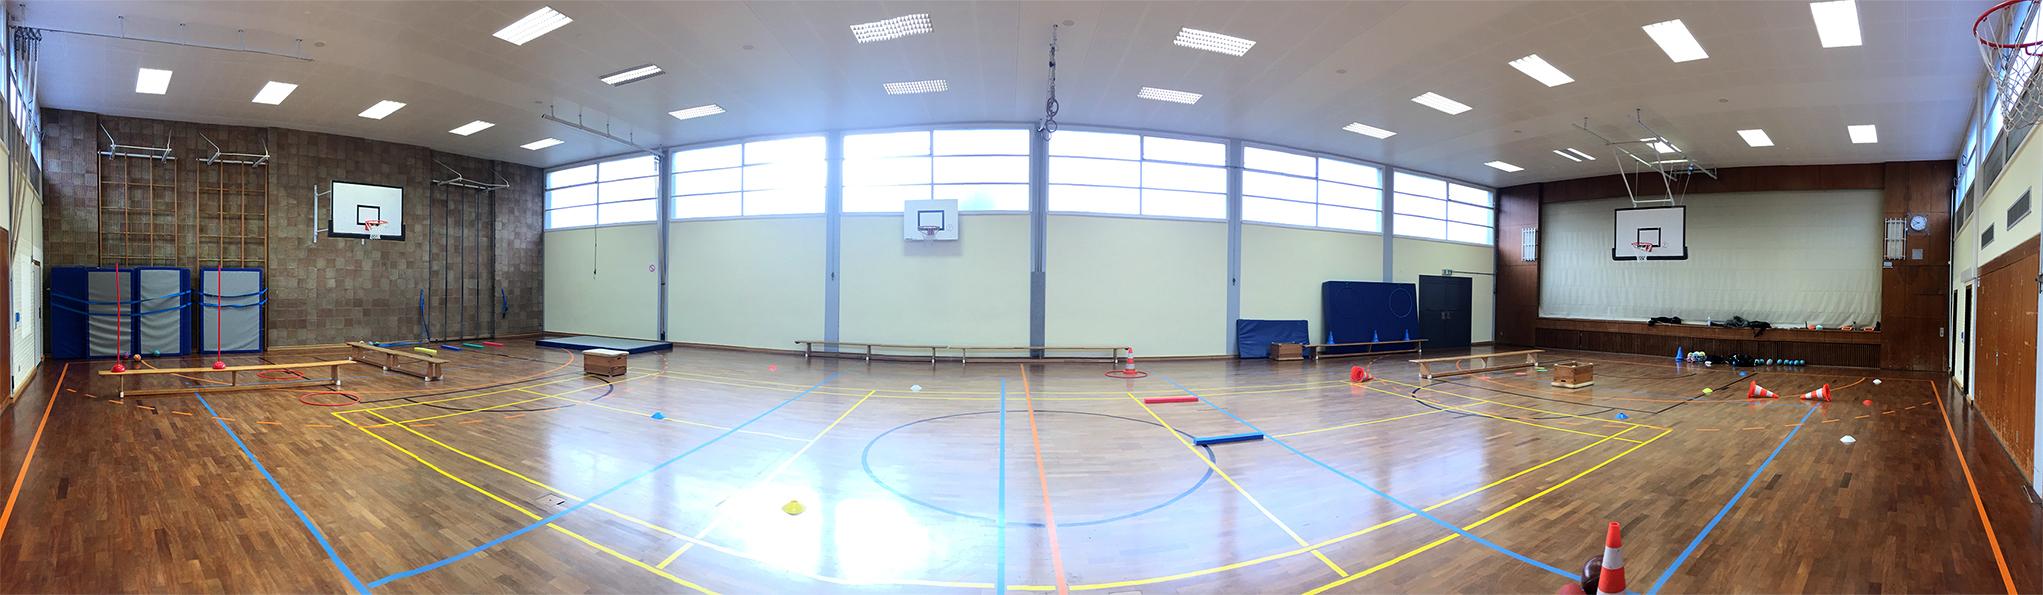 Panorama 1 GSAT